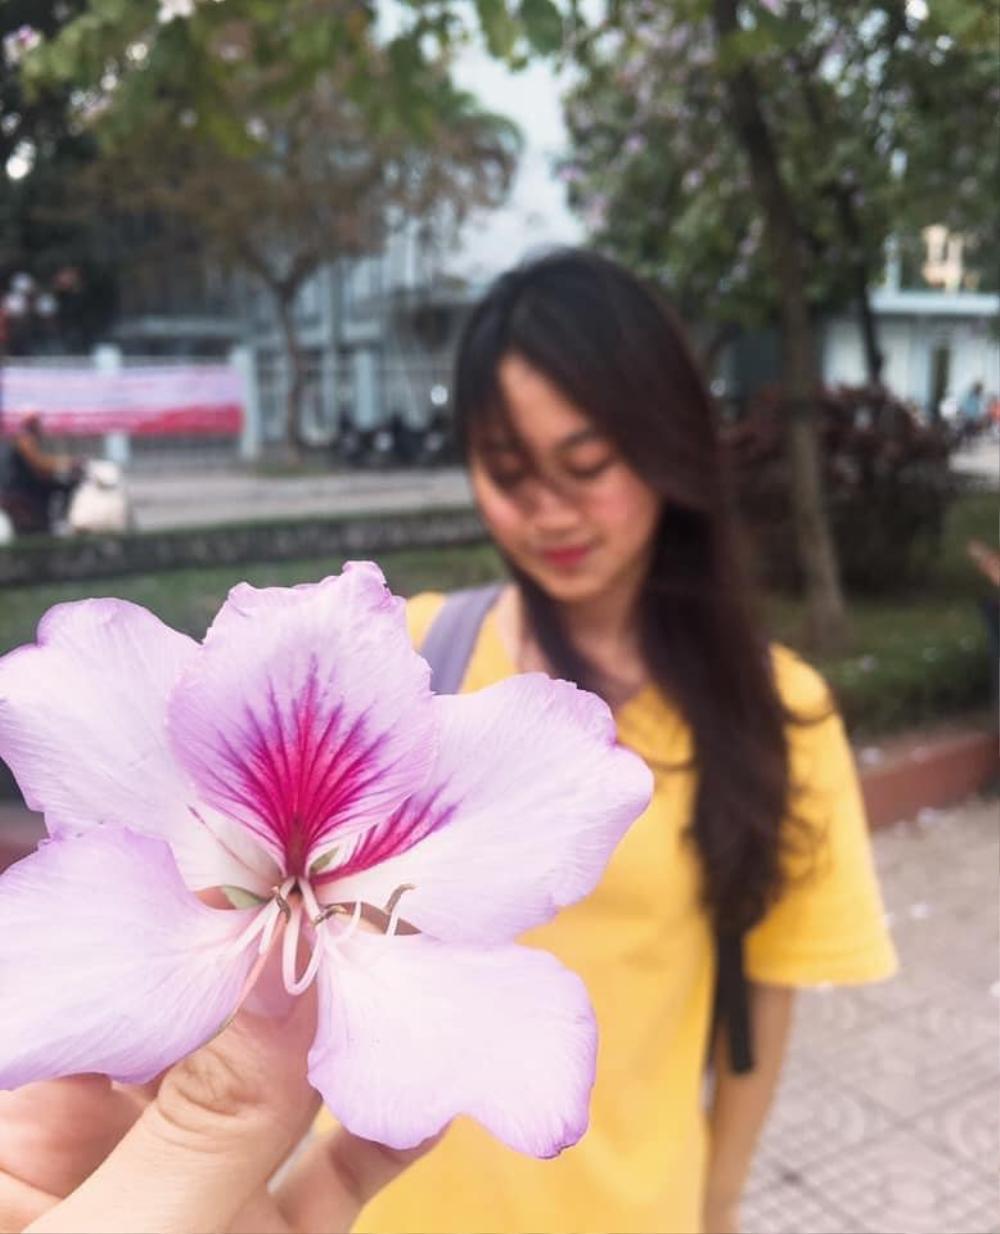 Tháng 2 này, đẹp nao lòng với ngôi trường ở Hà Nội nở rộ sắc tím hoa ban Ảnh 7